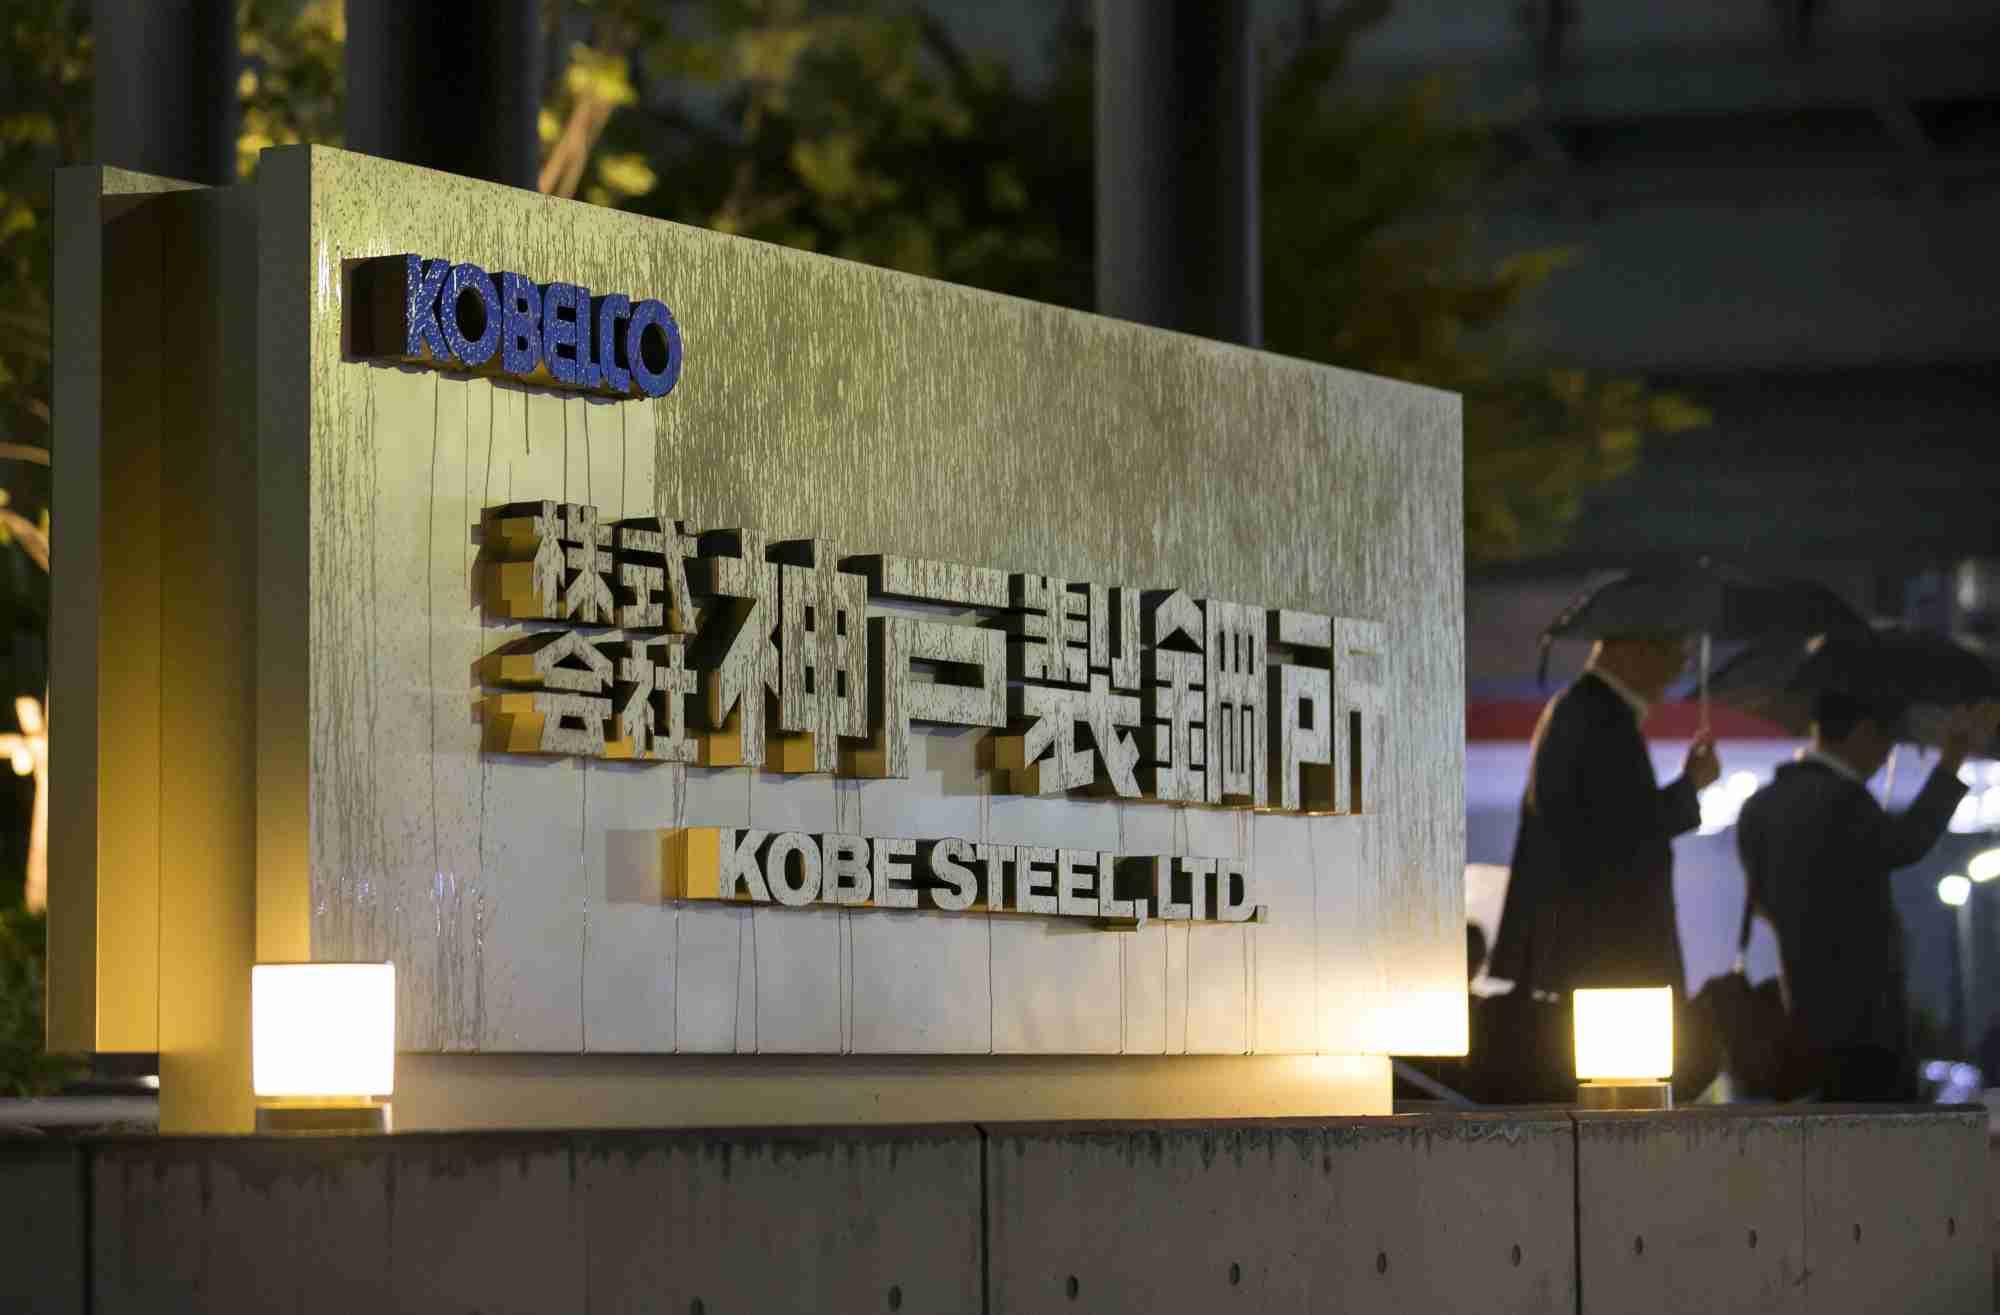 神戸製鋼の製品、欧州航空安全当局が使用停止を勧告-株価は反落 - Bloomberg